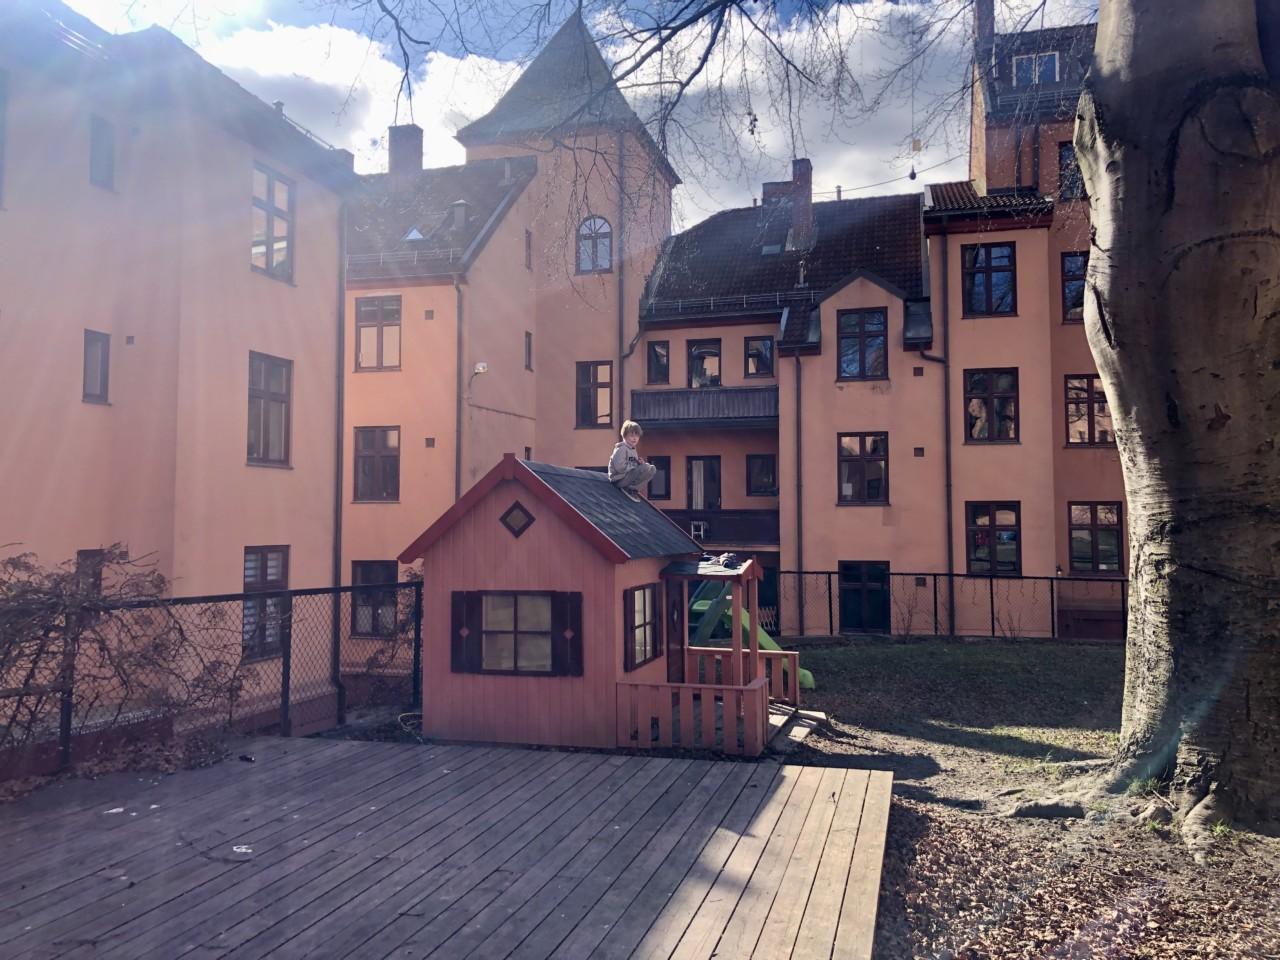 gutt-bytur-rosa-hus-lekehytte-bakgaard-oslove